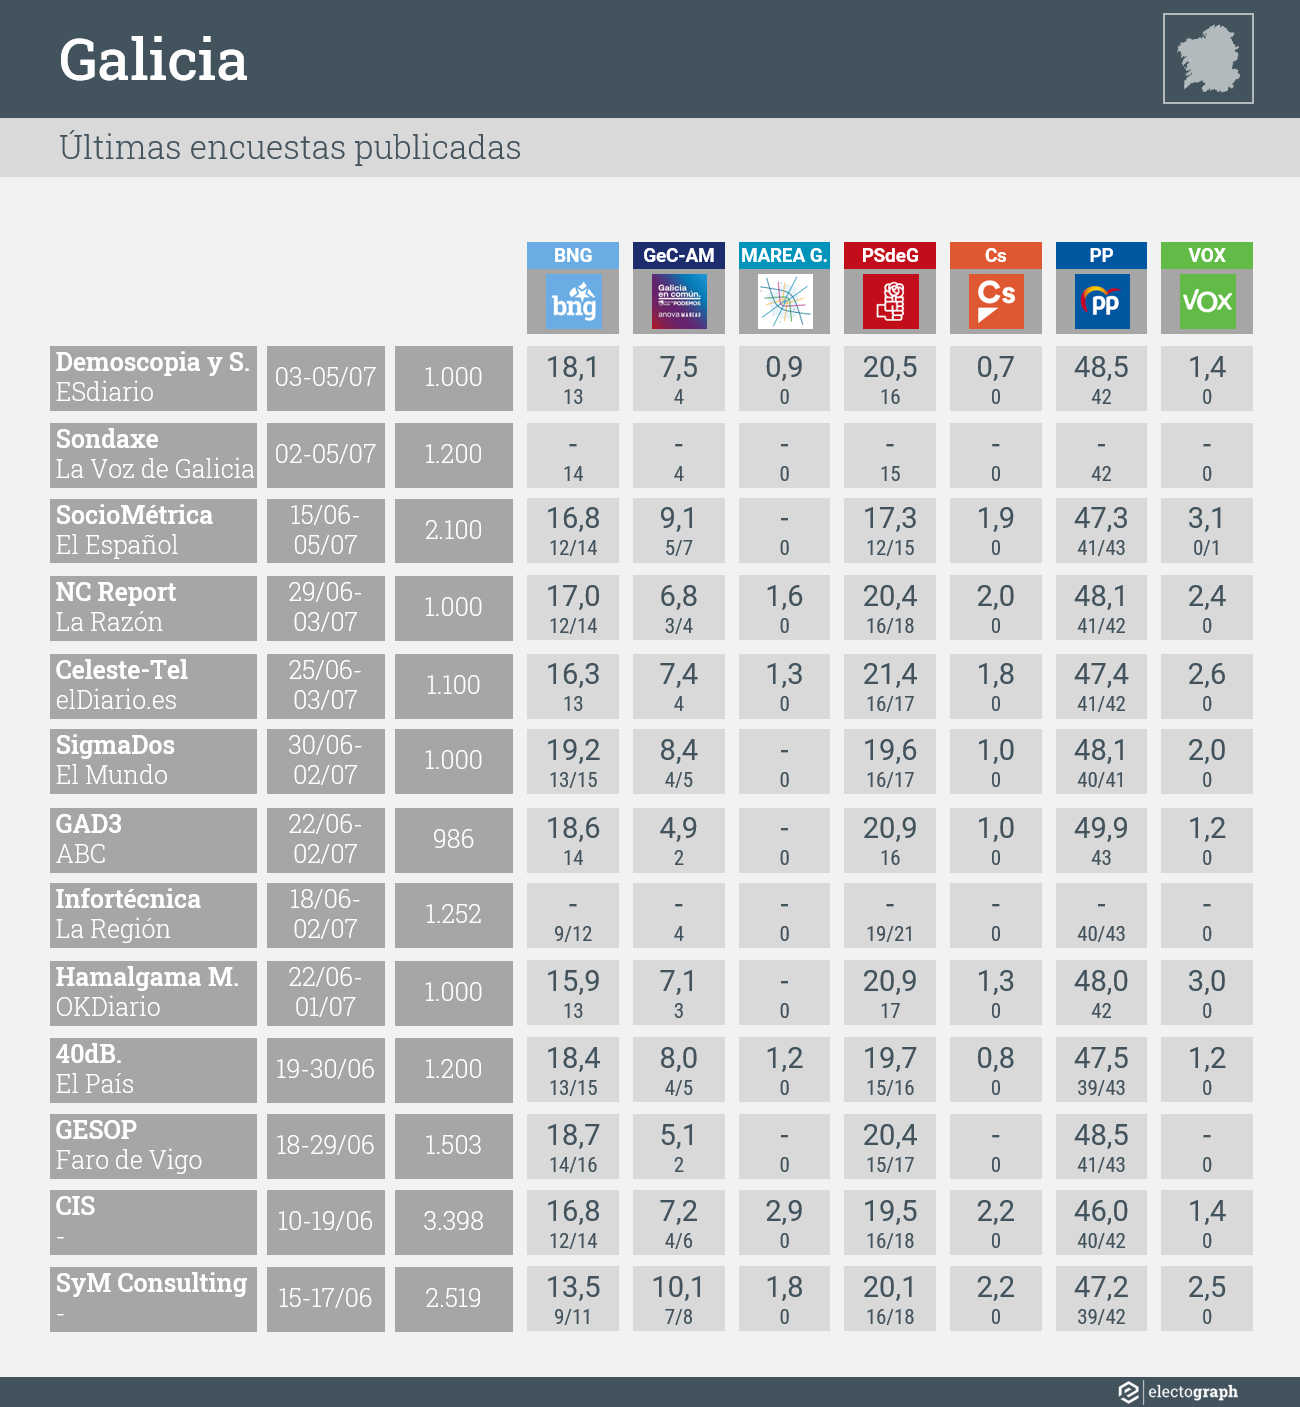 Últimas encuestas publicadas para las elecciones autonómicas del 12 de julio de 2020 en Galicia